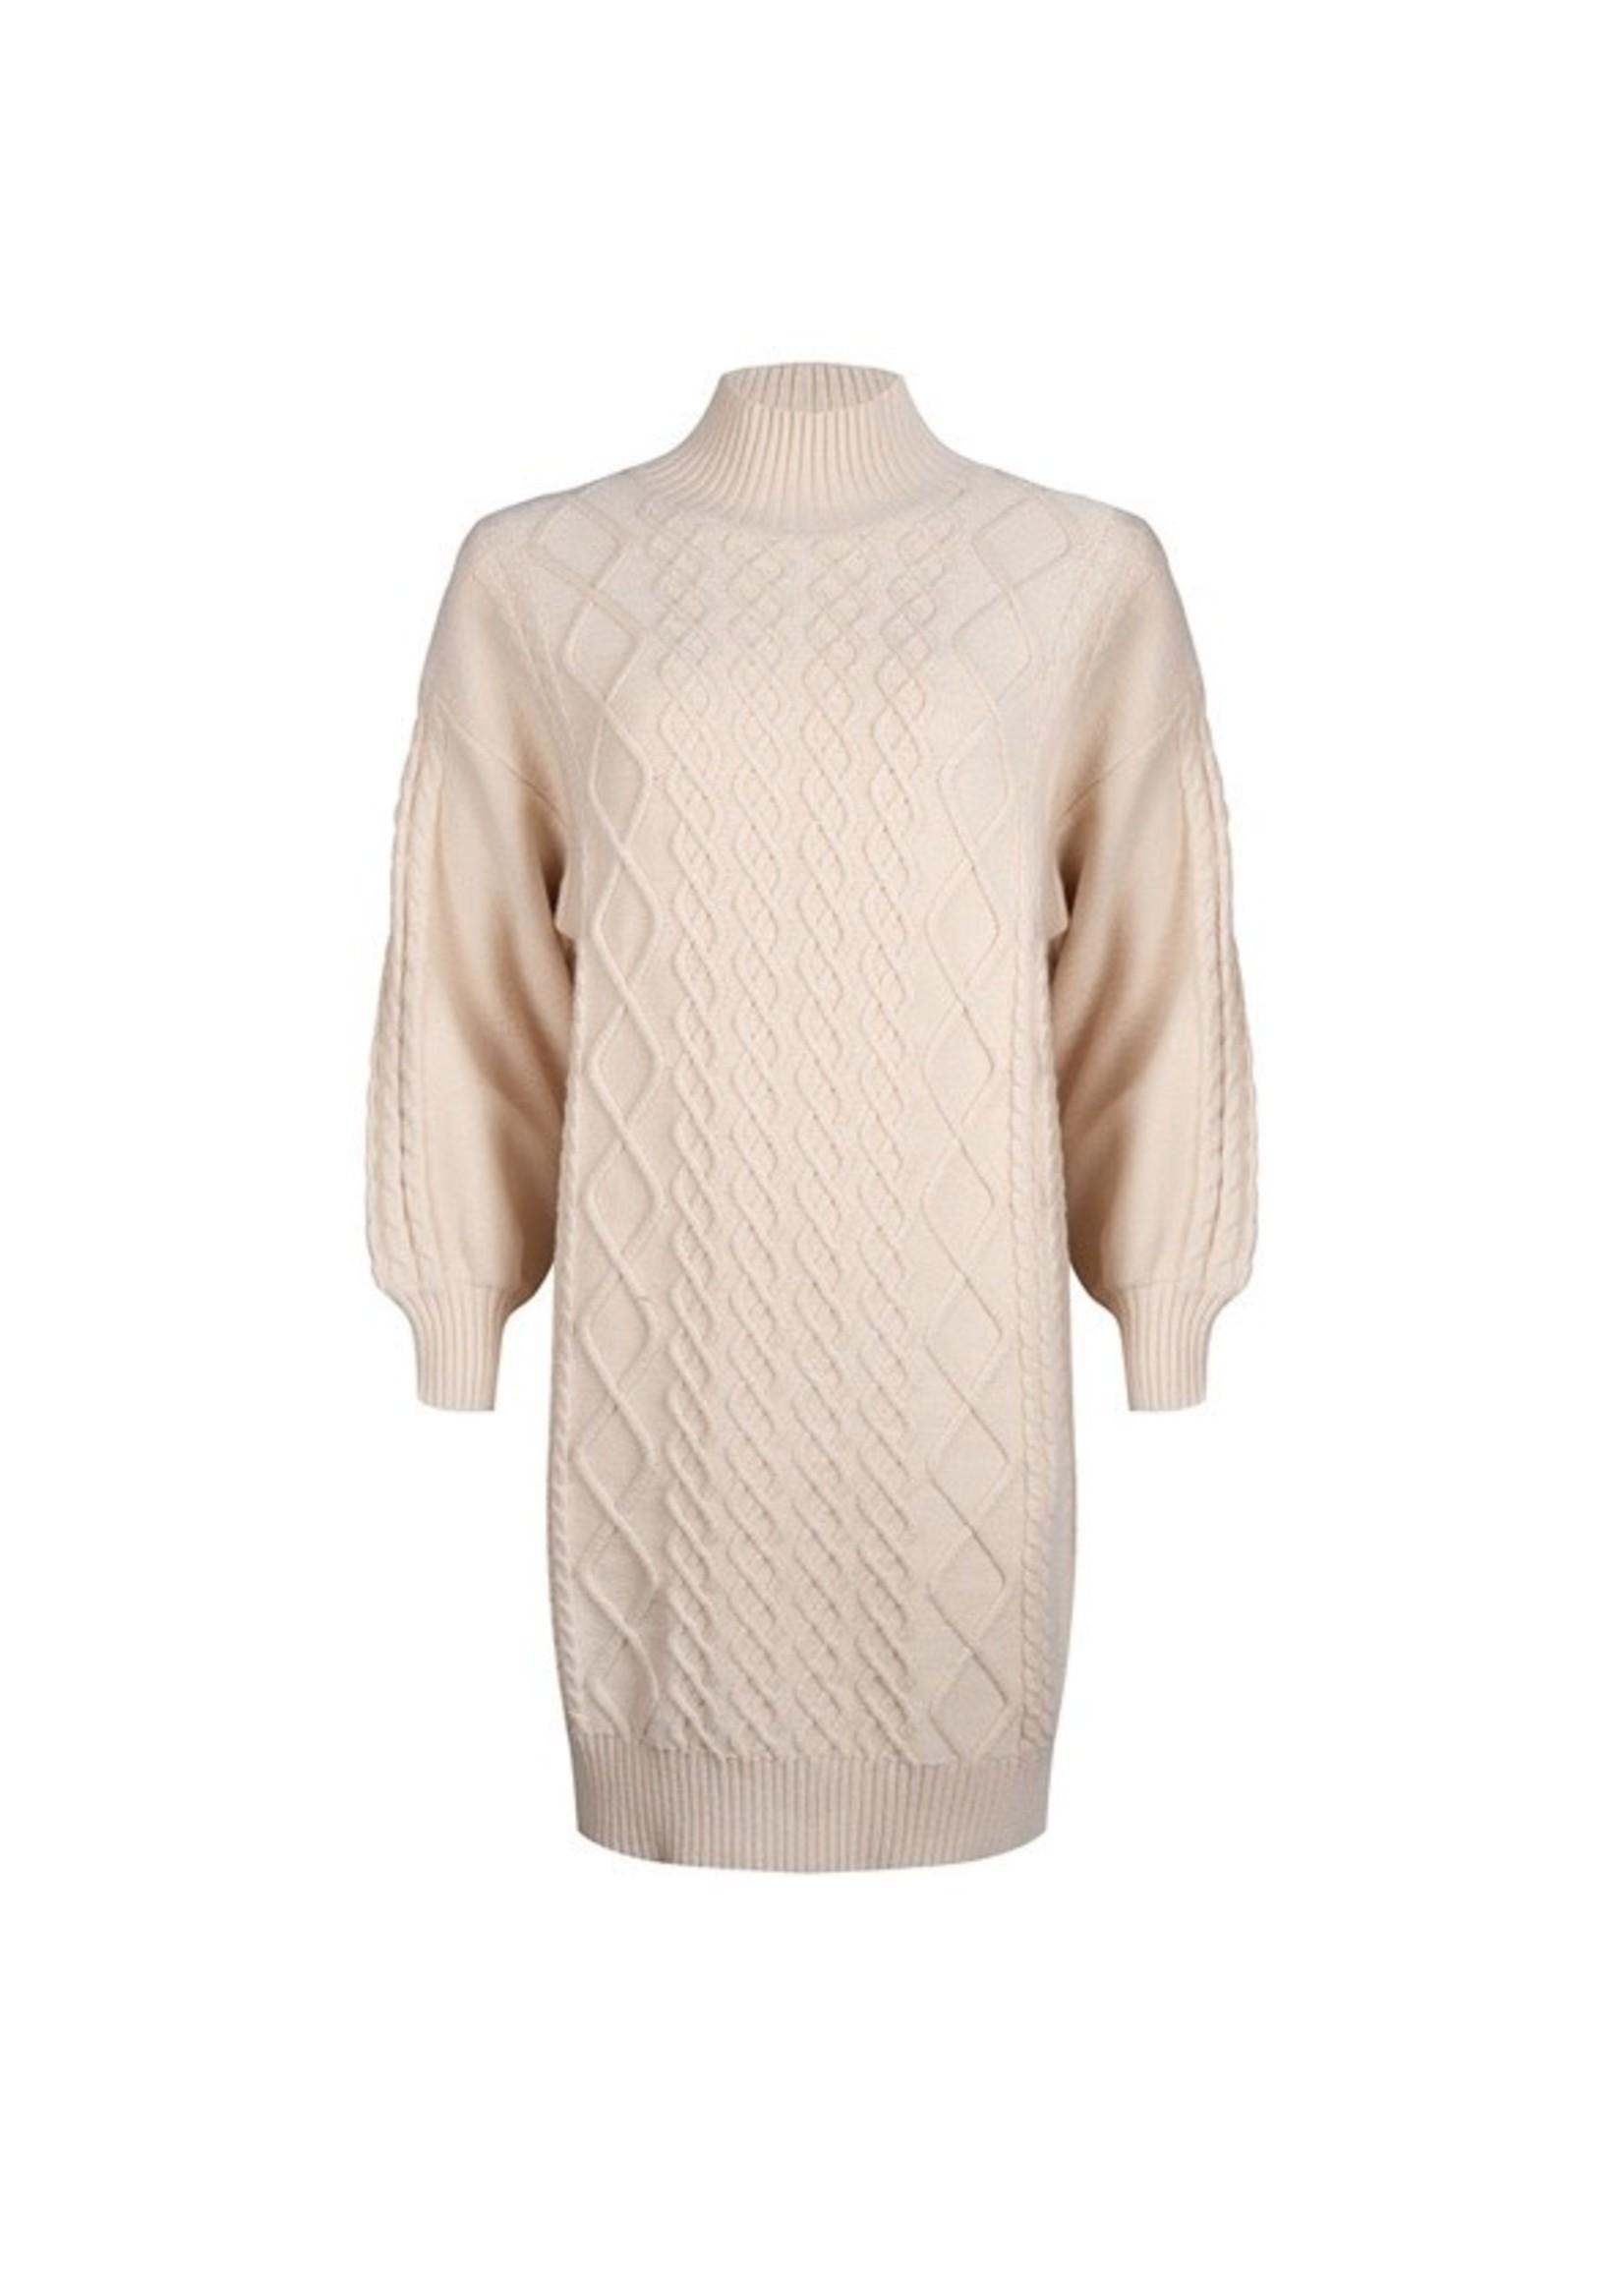 Esqualo Dress cable knit Beige